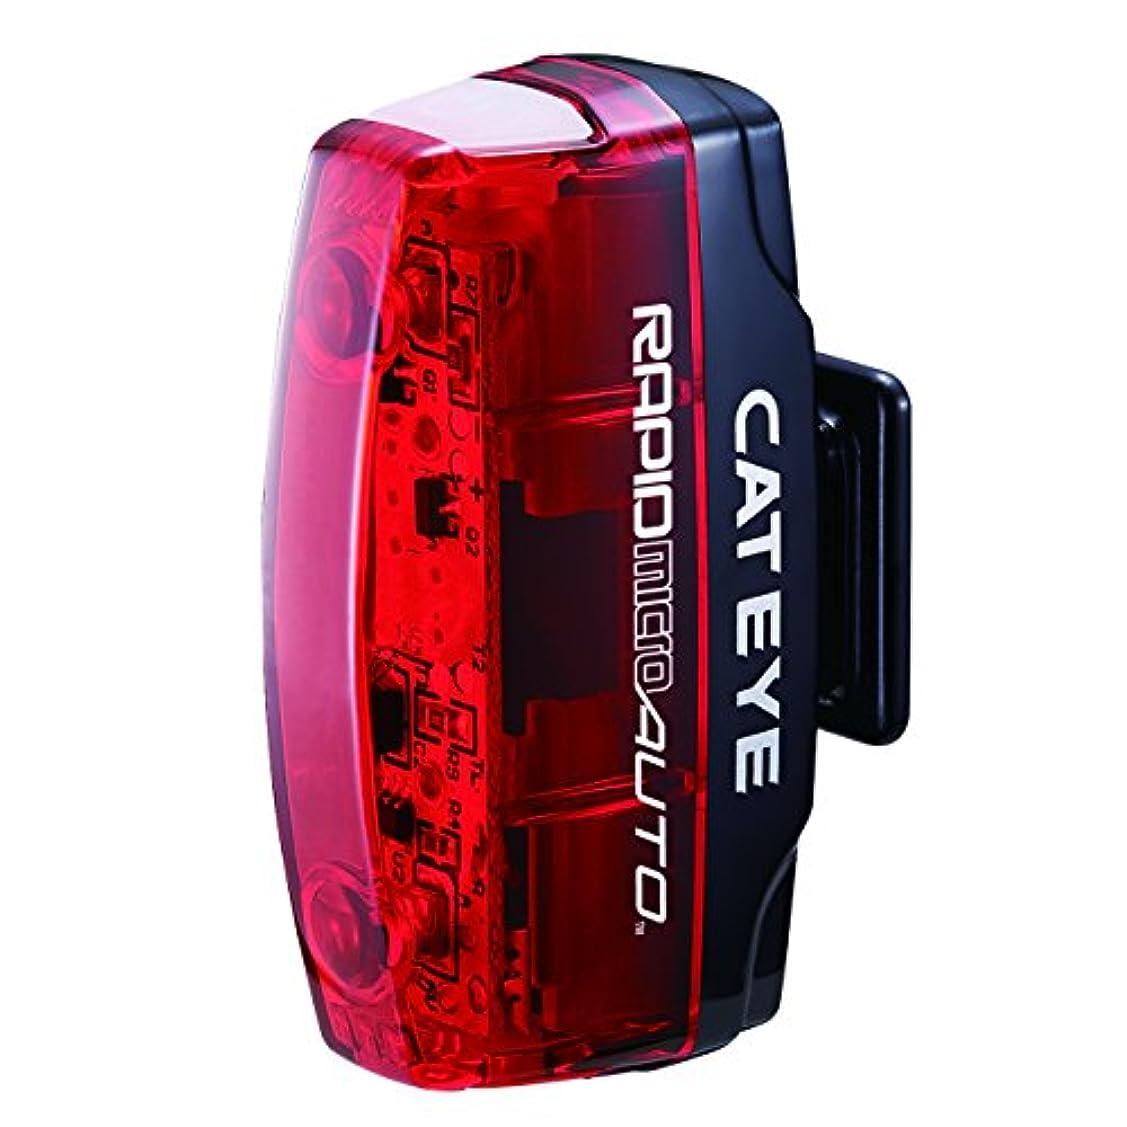 インタネットを見るくすぐったいレーダーキャットアイ(CAT EYE) テールライト RAPID micro AUTO TL-AU620-R USB充電式 オートライト搭載